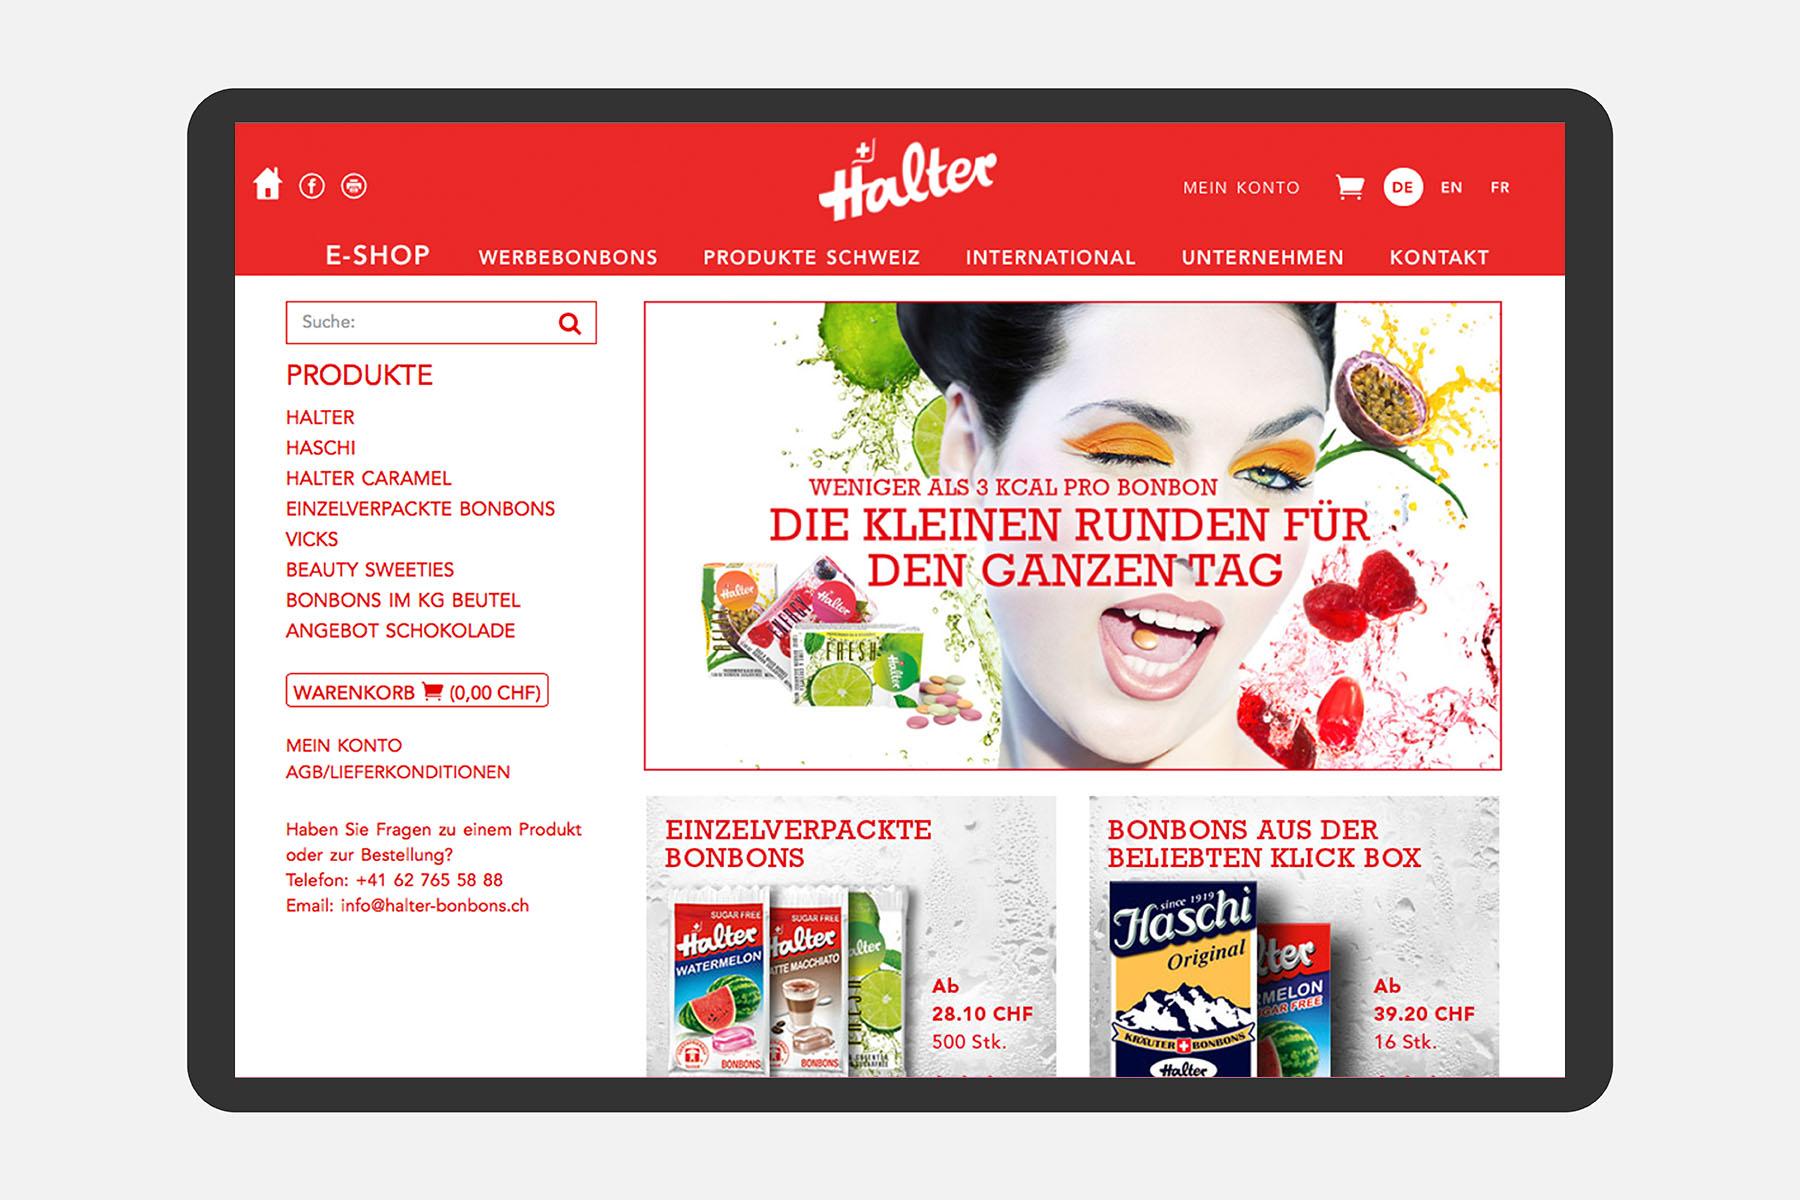 Halter Bonbons Web Tablet Ux Webshop